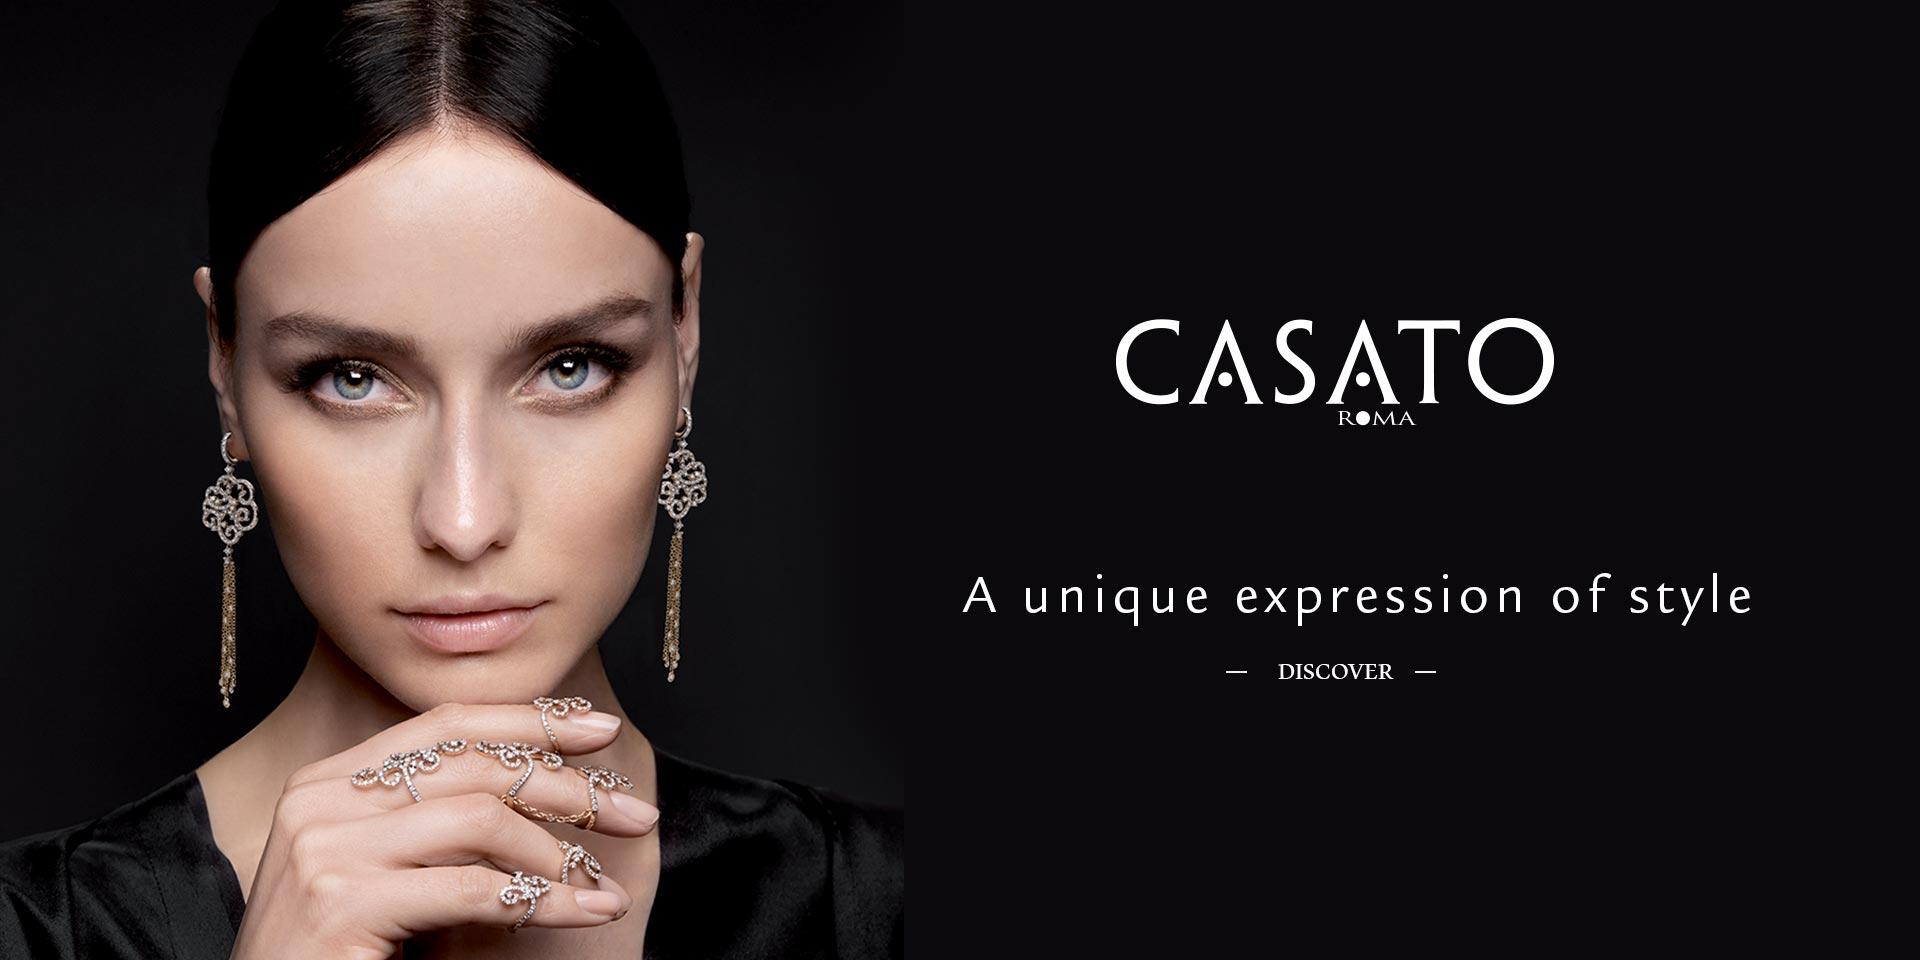 1557958071_6_casato.jpg